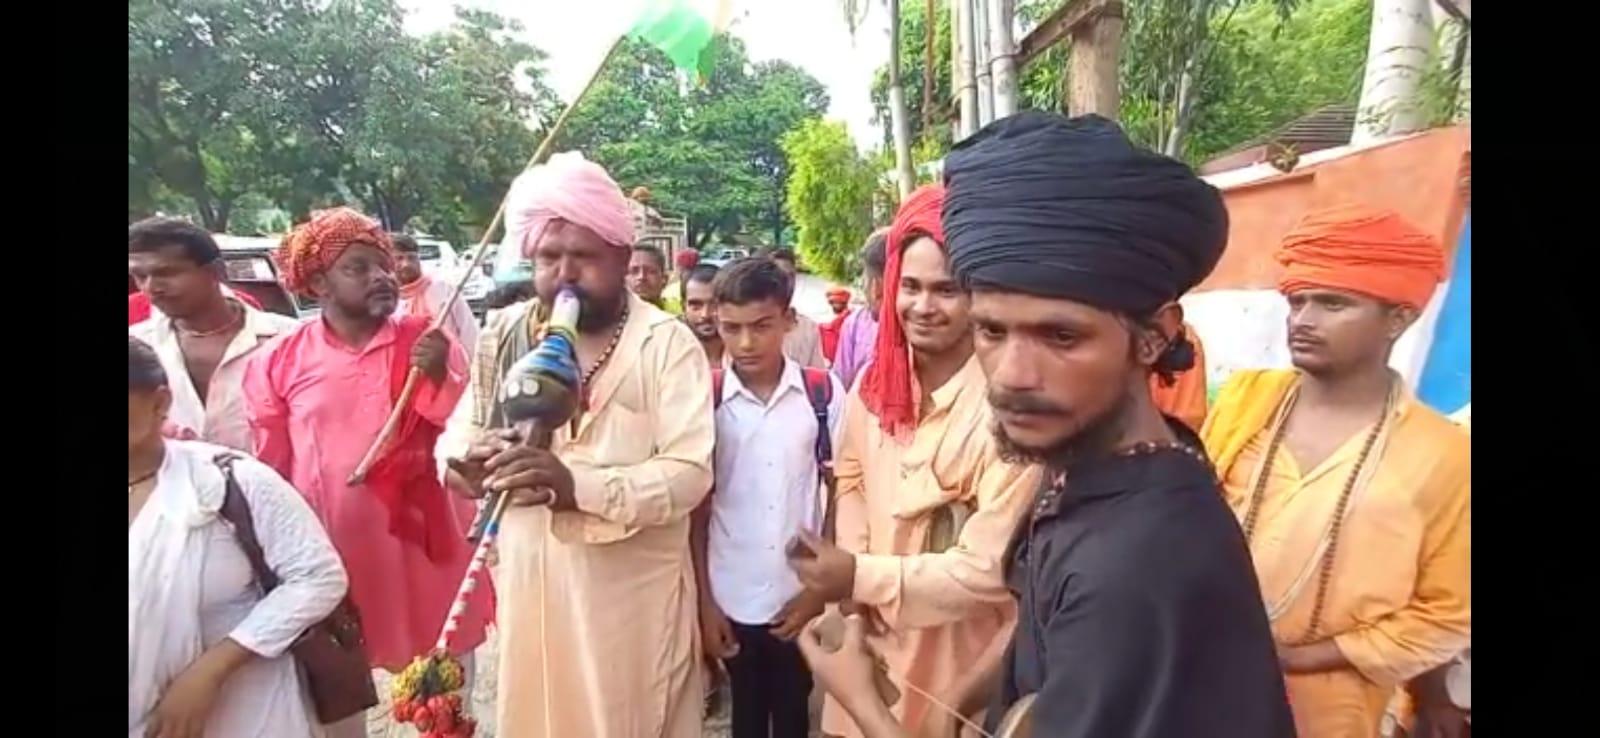 मेरठ में डीएम कार्यालय के बाहर बीन बजाकर प्रदर्शन करते 20 से ज्यादा संख्या में सपेरा समाज के लोग। - Dainik Bhaskar